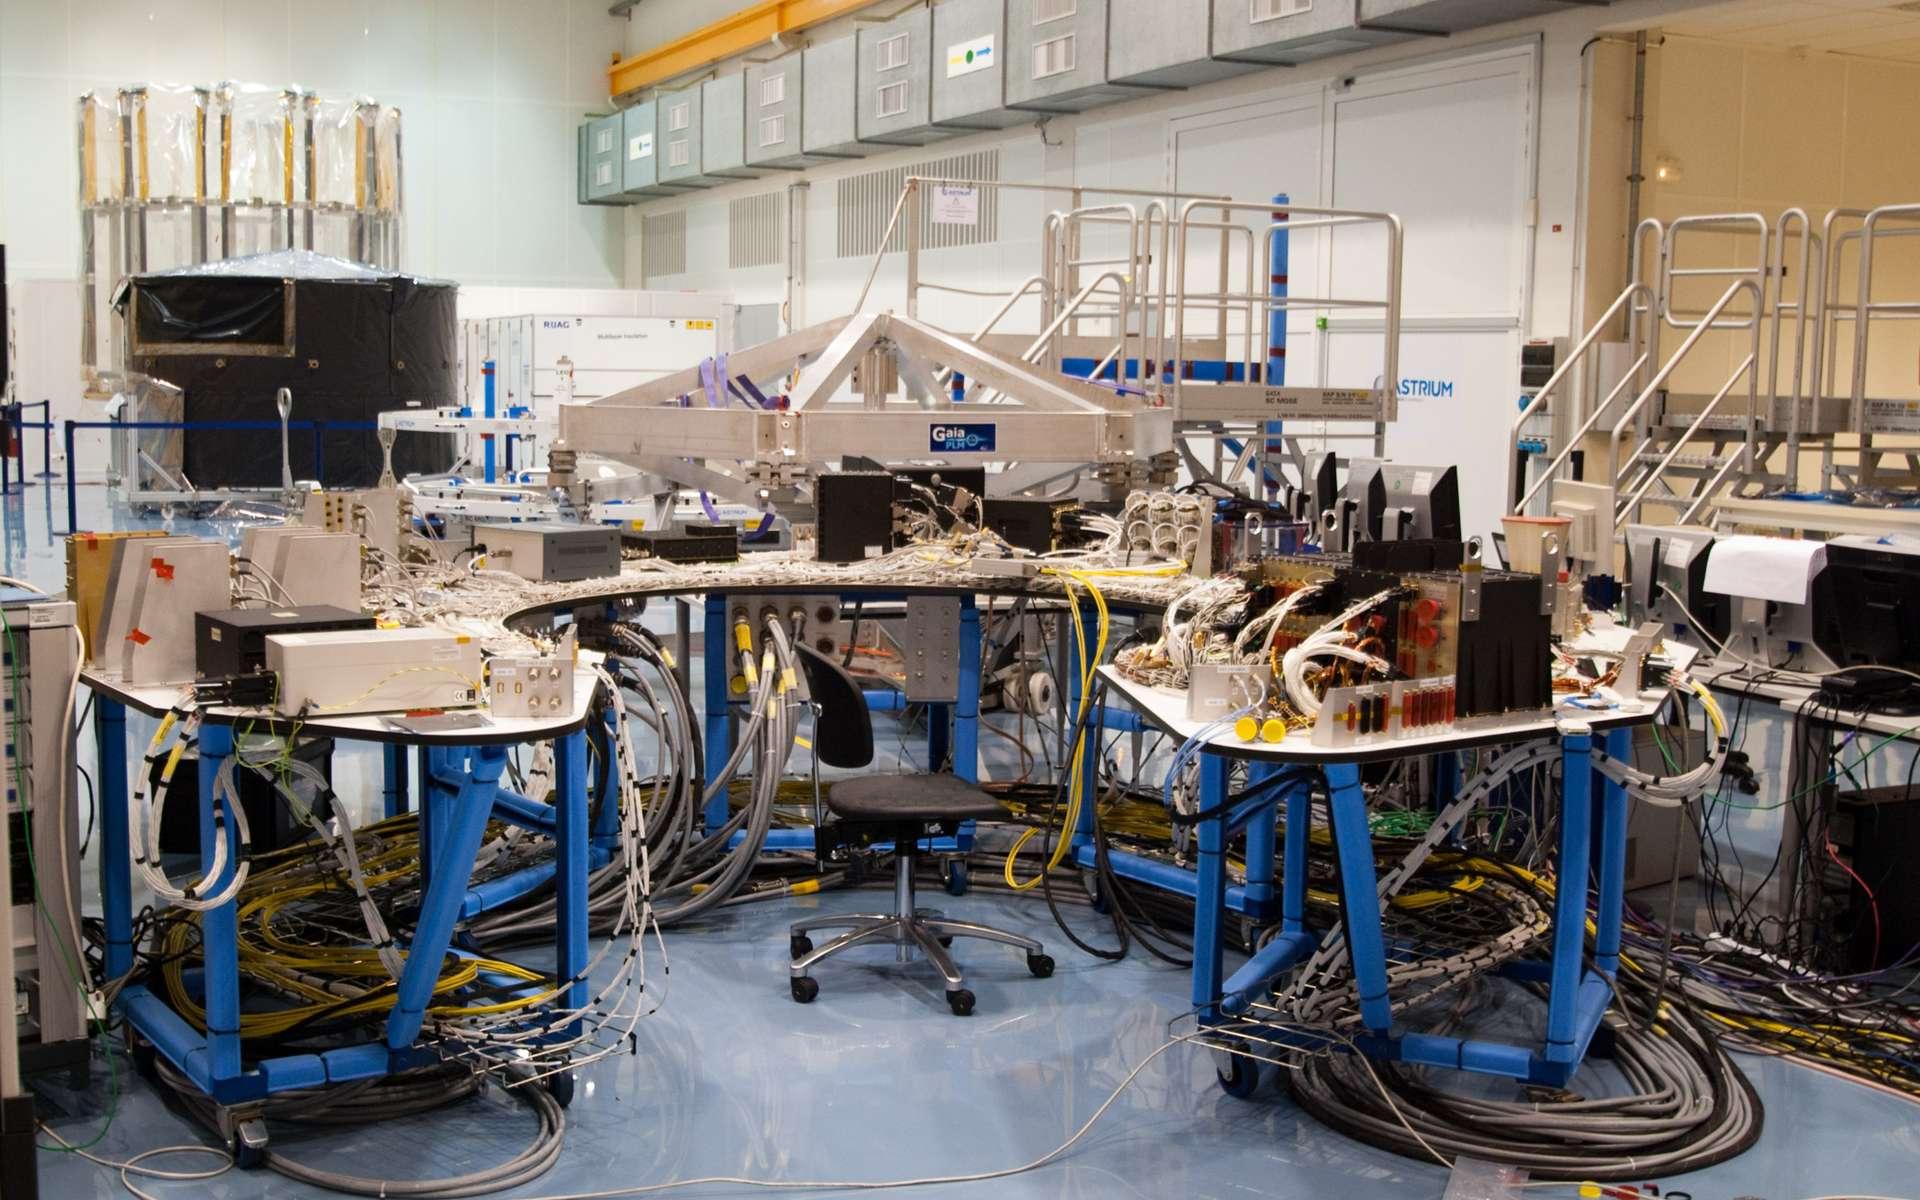 Équipements et câblages électriques du satellite Gaia de l'Esa, construit par Astrium. À l'avenir, les industriels seront amenés à revoir leur méthode de fabrication des satellites pour les rendre plus robustes aux impacts de débris de petite taille.© Rémy Decourt